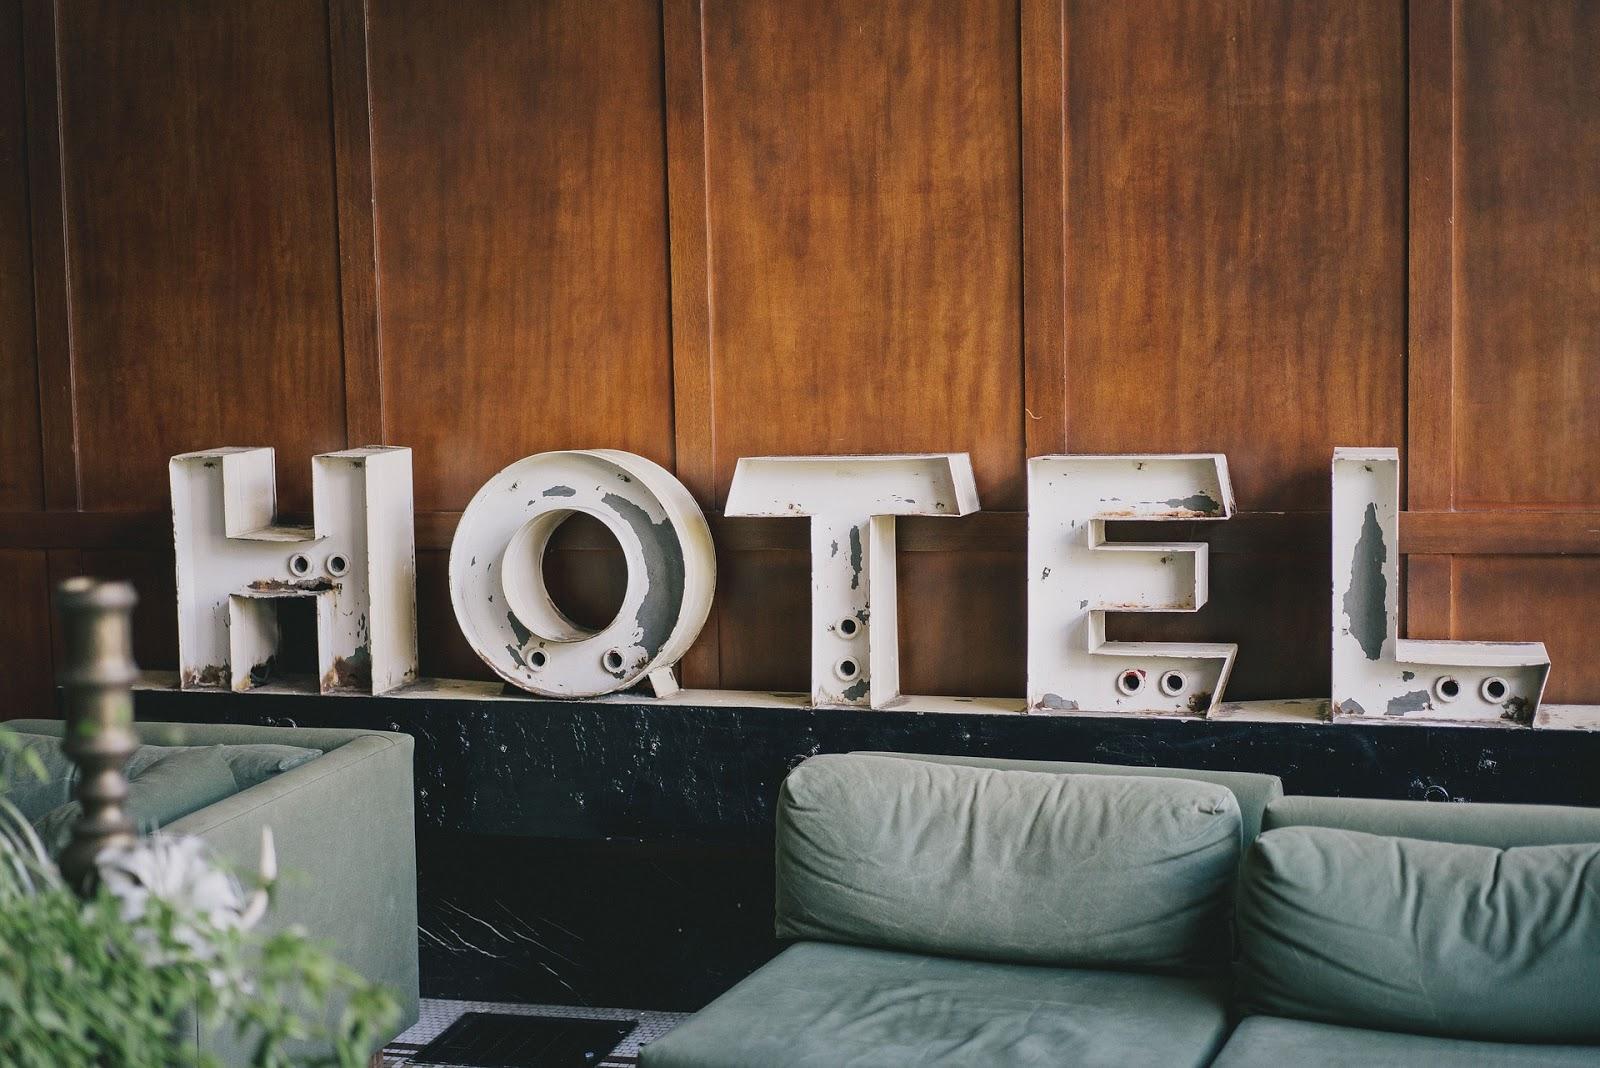 7-COISAS-CONSIDERADAS-IMPORTANTES-EM-UM-HOTEL-OU-POUSADA